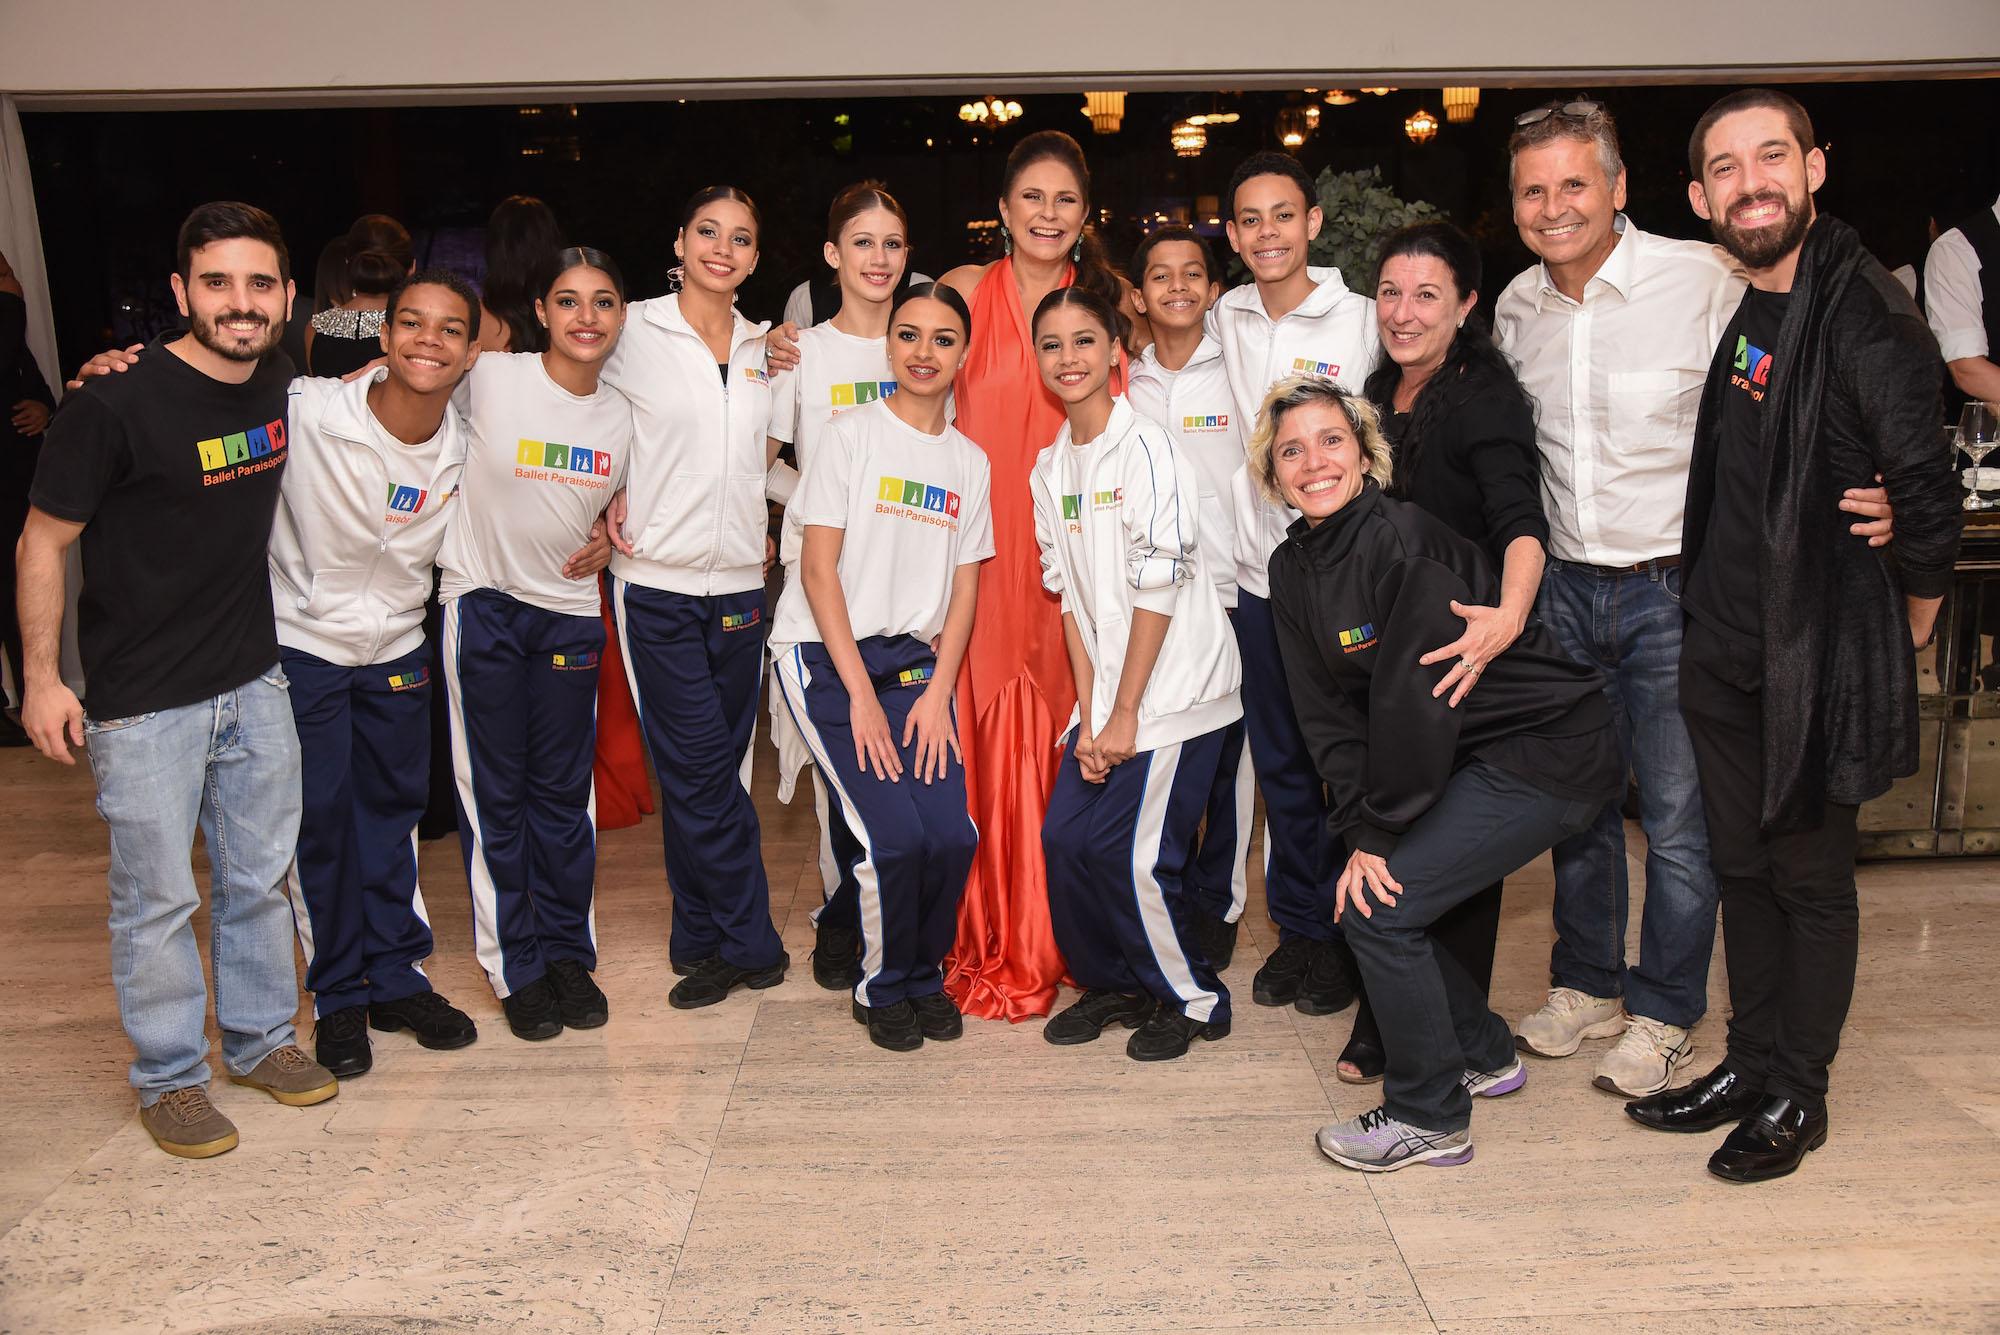 Fafá de Belem com Ballet Paraísopolis V BrazilFoundation Gala São Paulo Chanel 2018 Filantropia Brasil Philanthropy Brazil